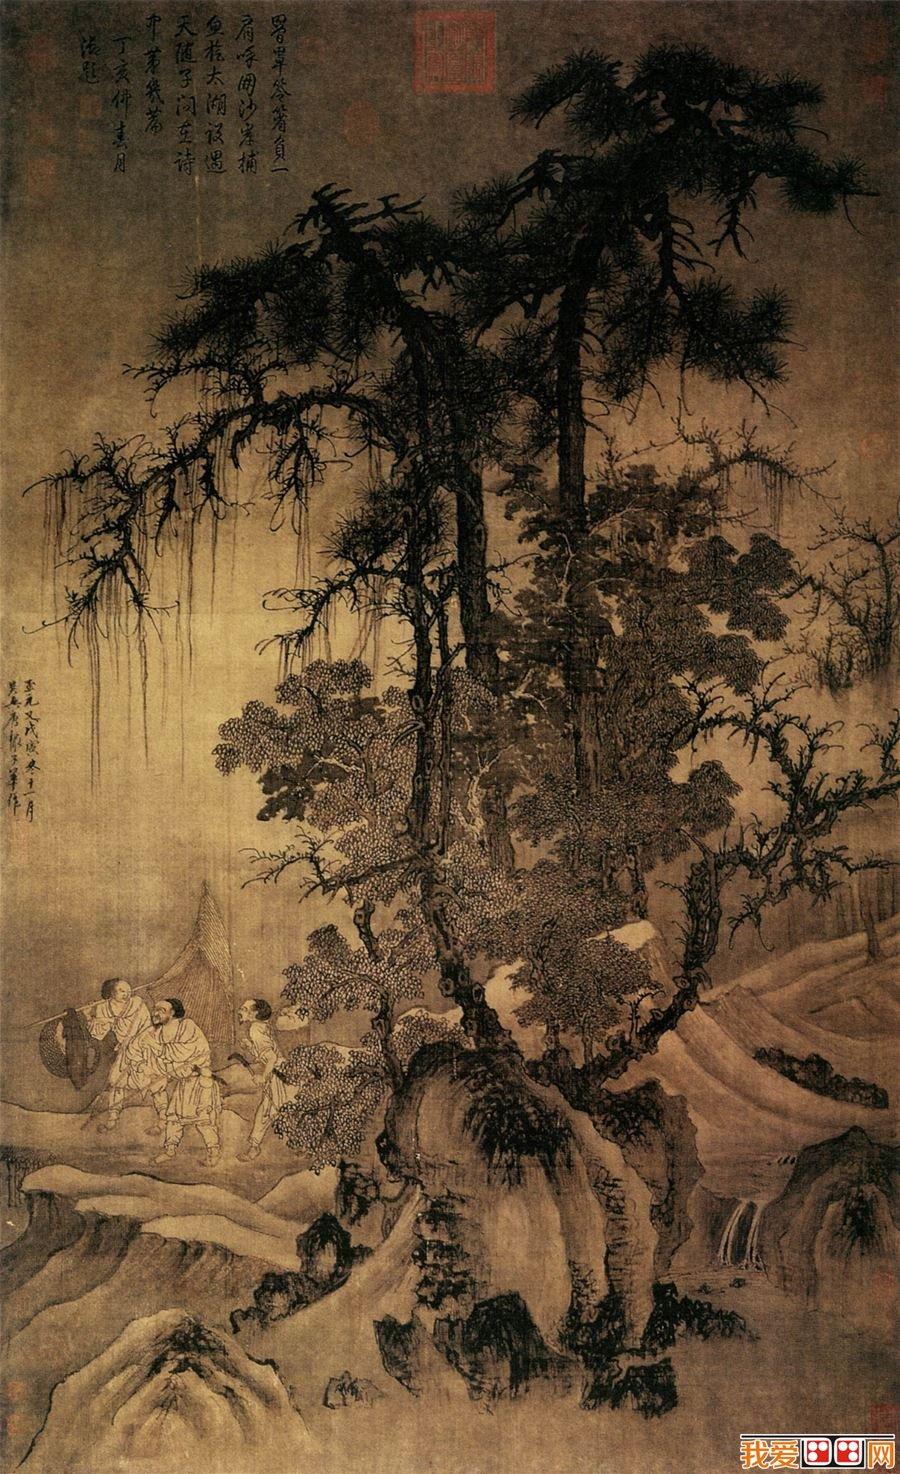 百科 著名画家 中国古代画家 > 元代画家唐棣国画山水作品欣赏图片